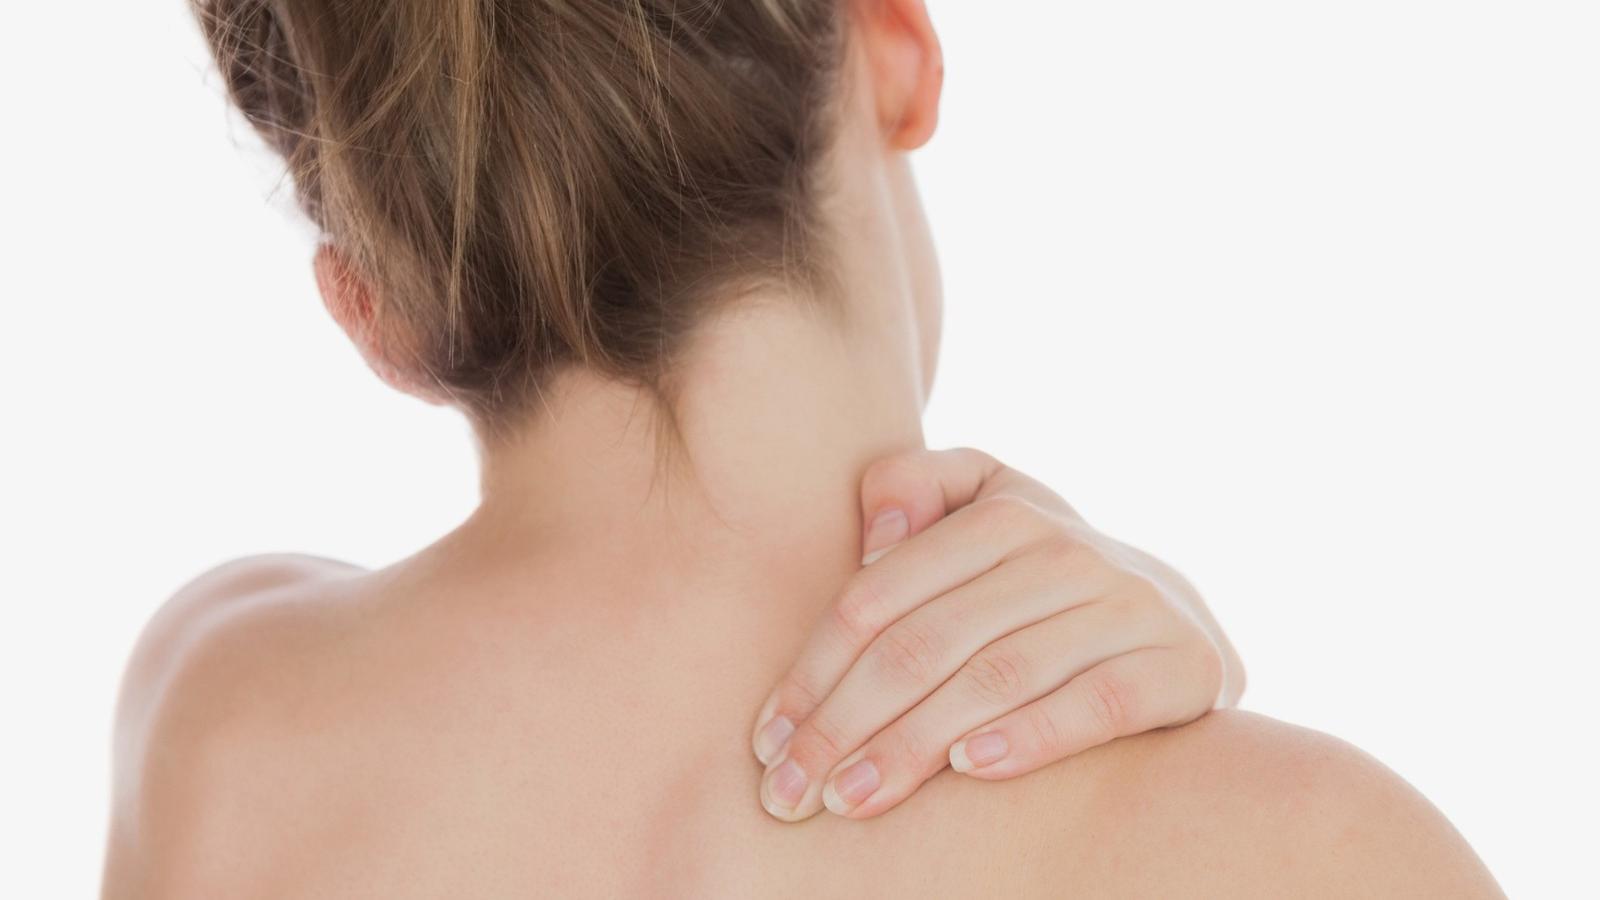 törzs ízületi fájdalmat okoz kötőszöveti betegség tünetei